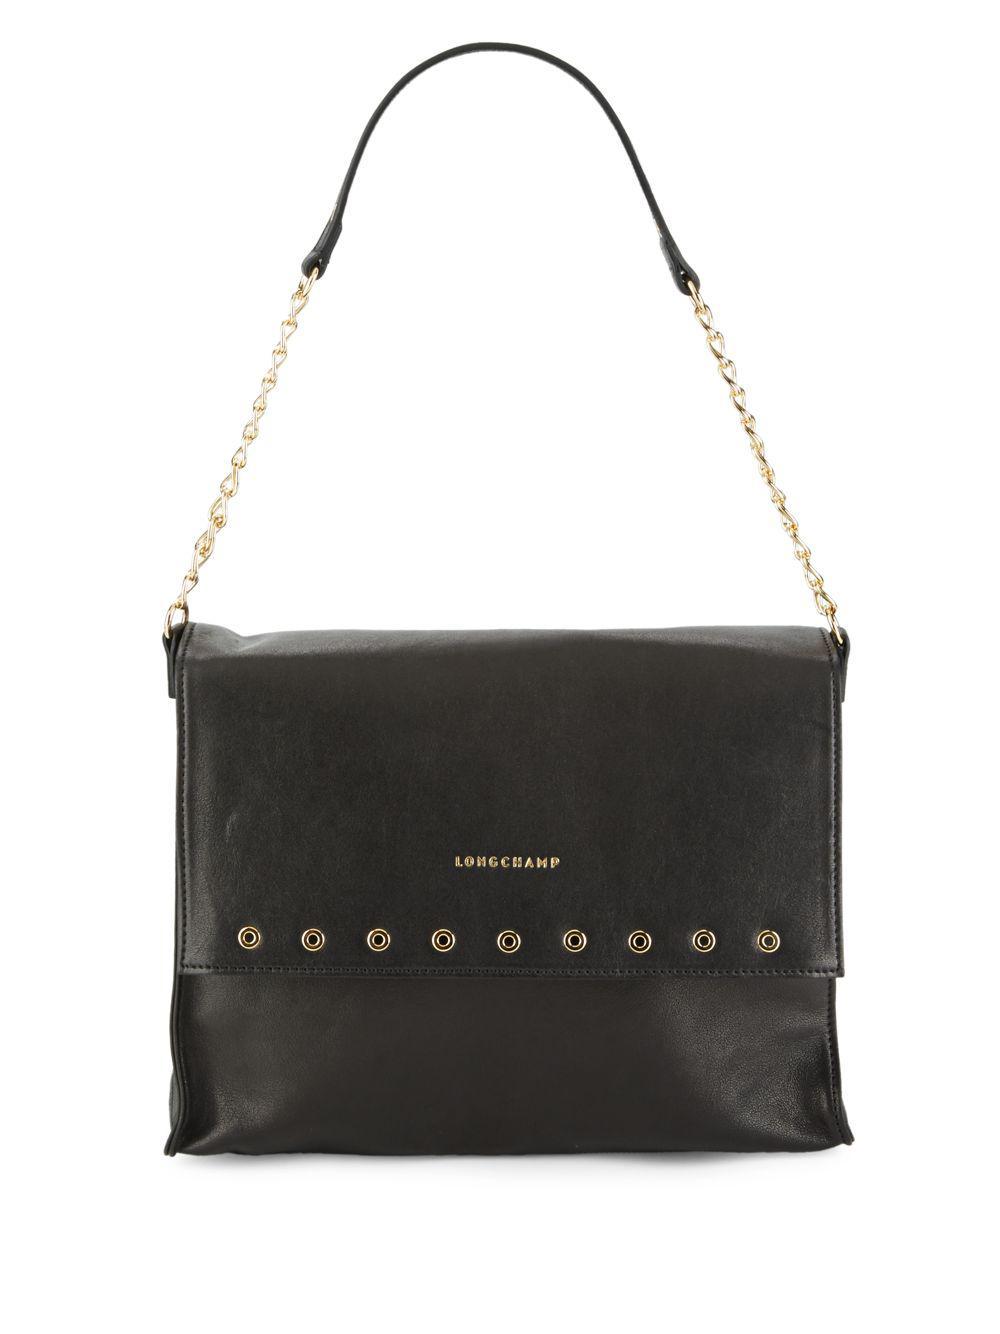 Lyst - Longchamp Paris Rocks Leather Shoulder Bag in Black d33820c3029a6